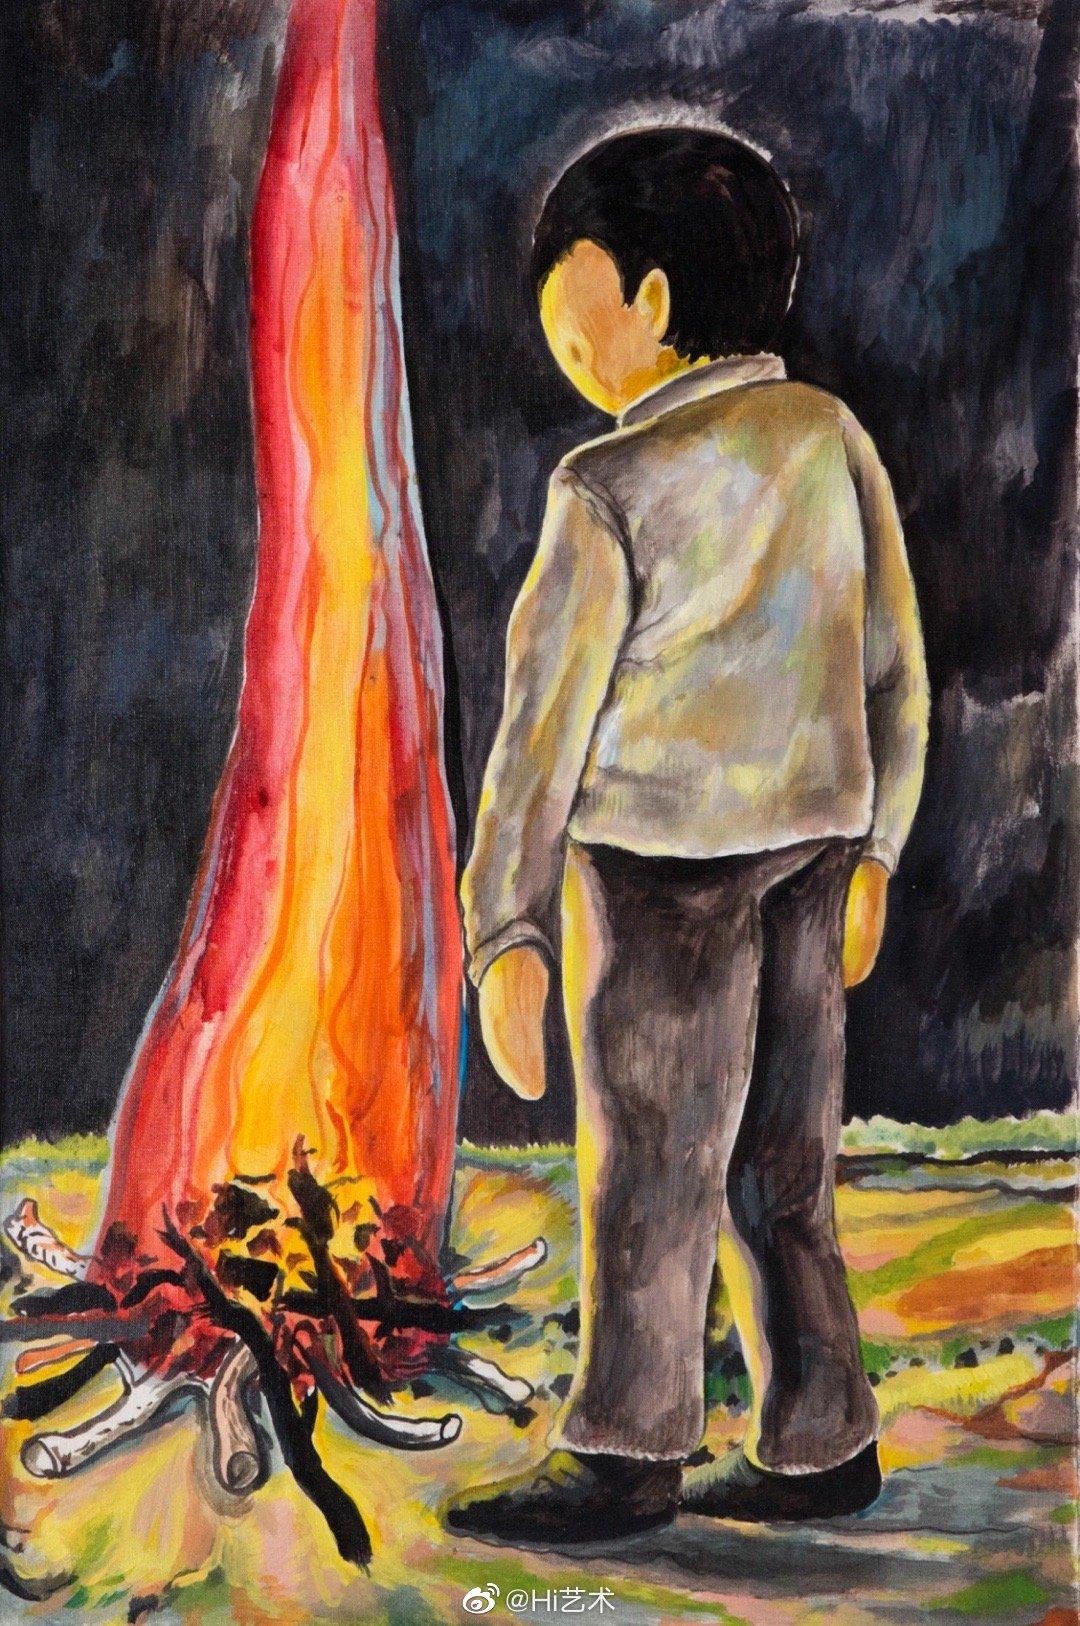 李继开个展— 镀银的夜行者 正在北京玉兰堂画廊展出……